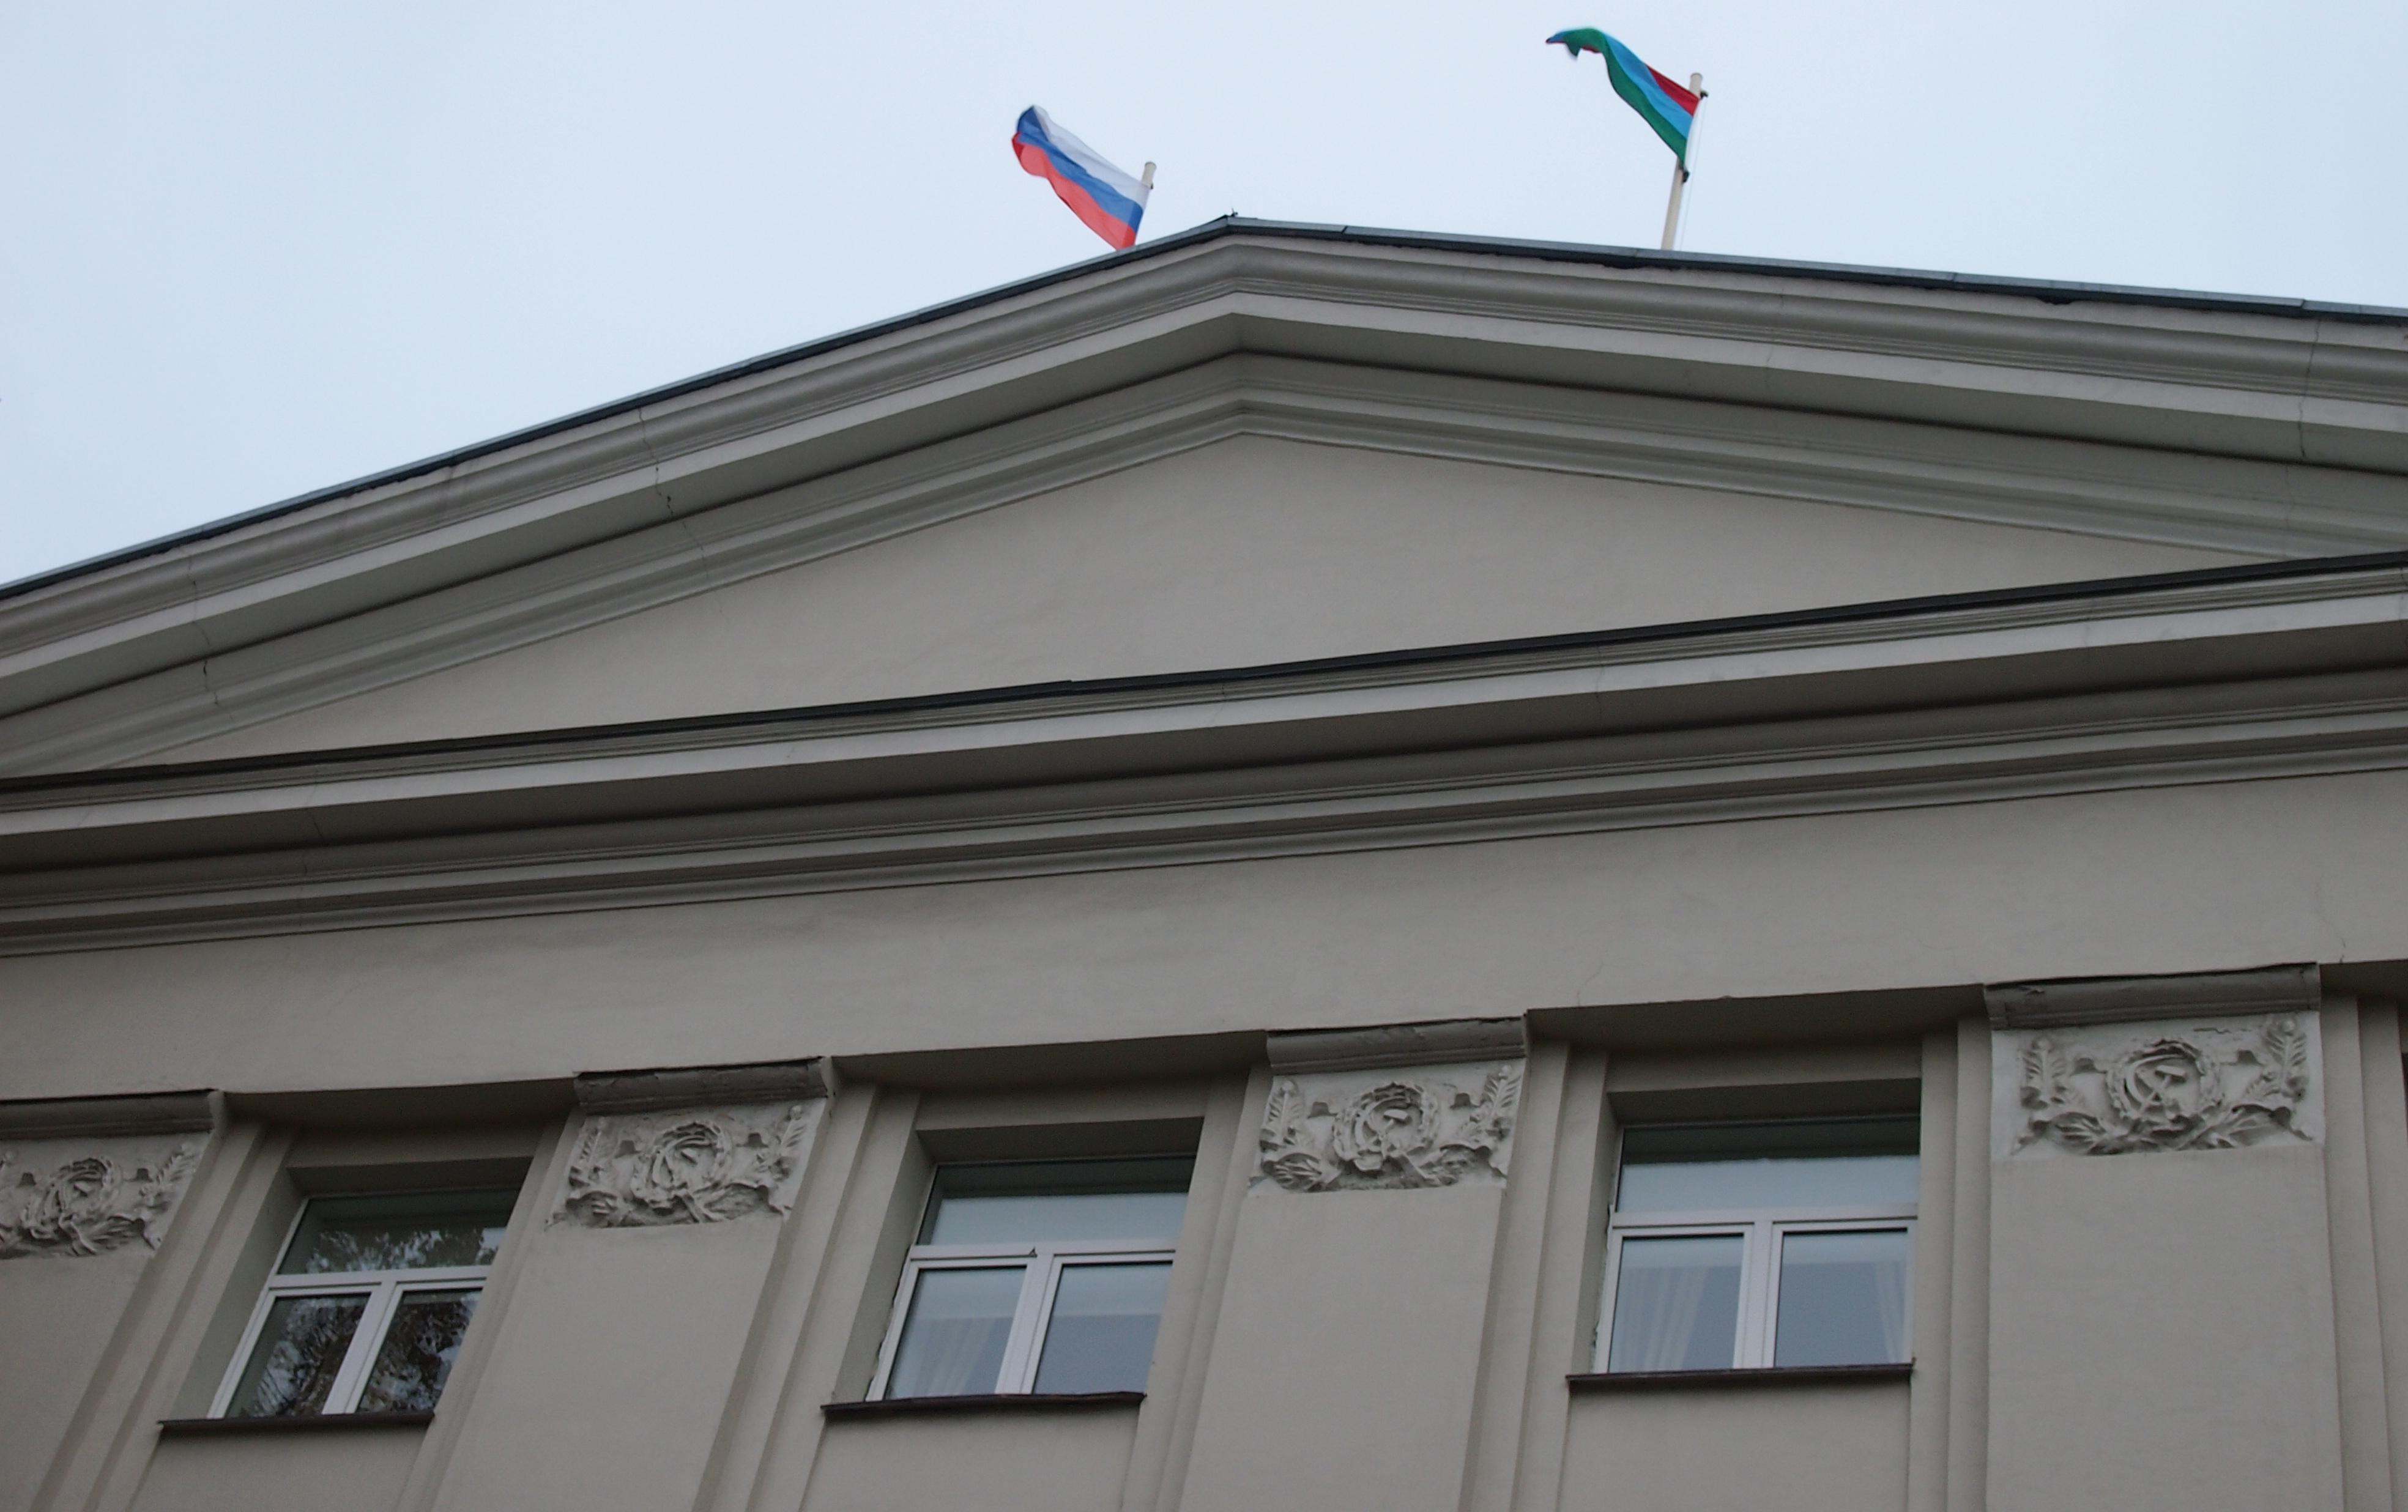 Решение карельских парламентариев Почетные граждане Петрозаводска назвали антидемократичным. Фото: Валерий Поташов